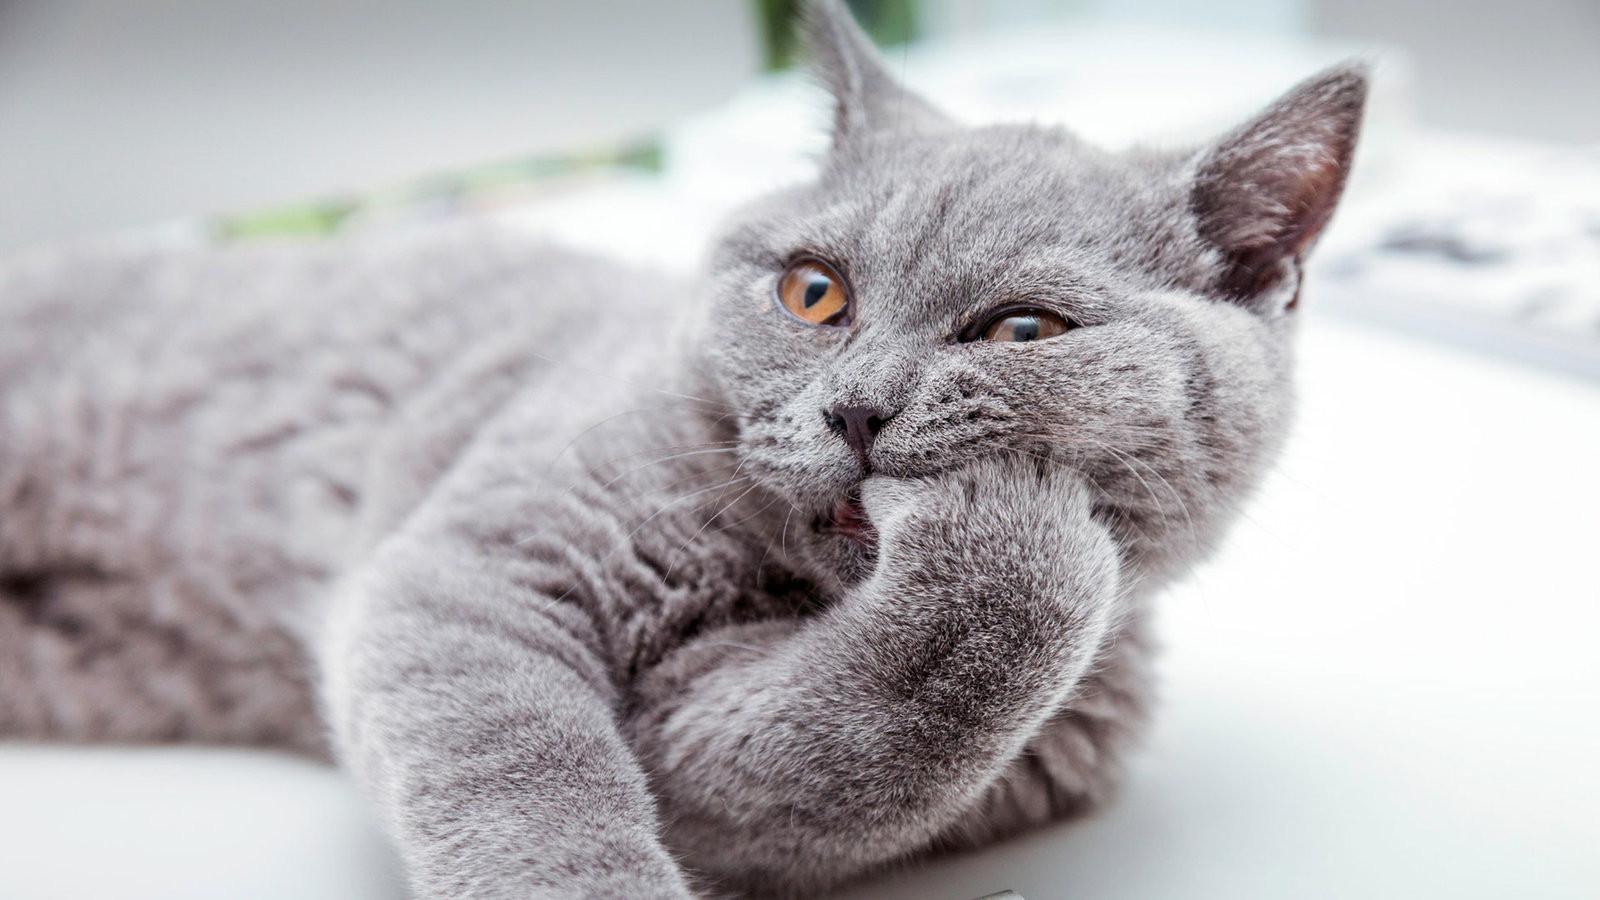 Tiere Suchen Ein Zu Hause  Was sich ändert wenn eine Katze einzieht Tiere suchen